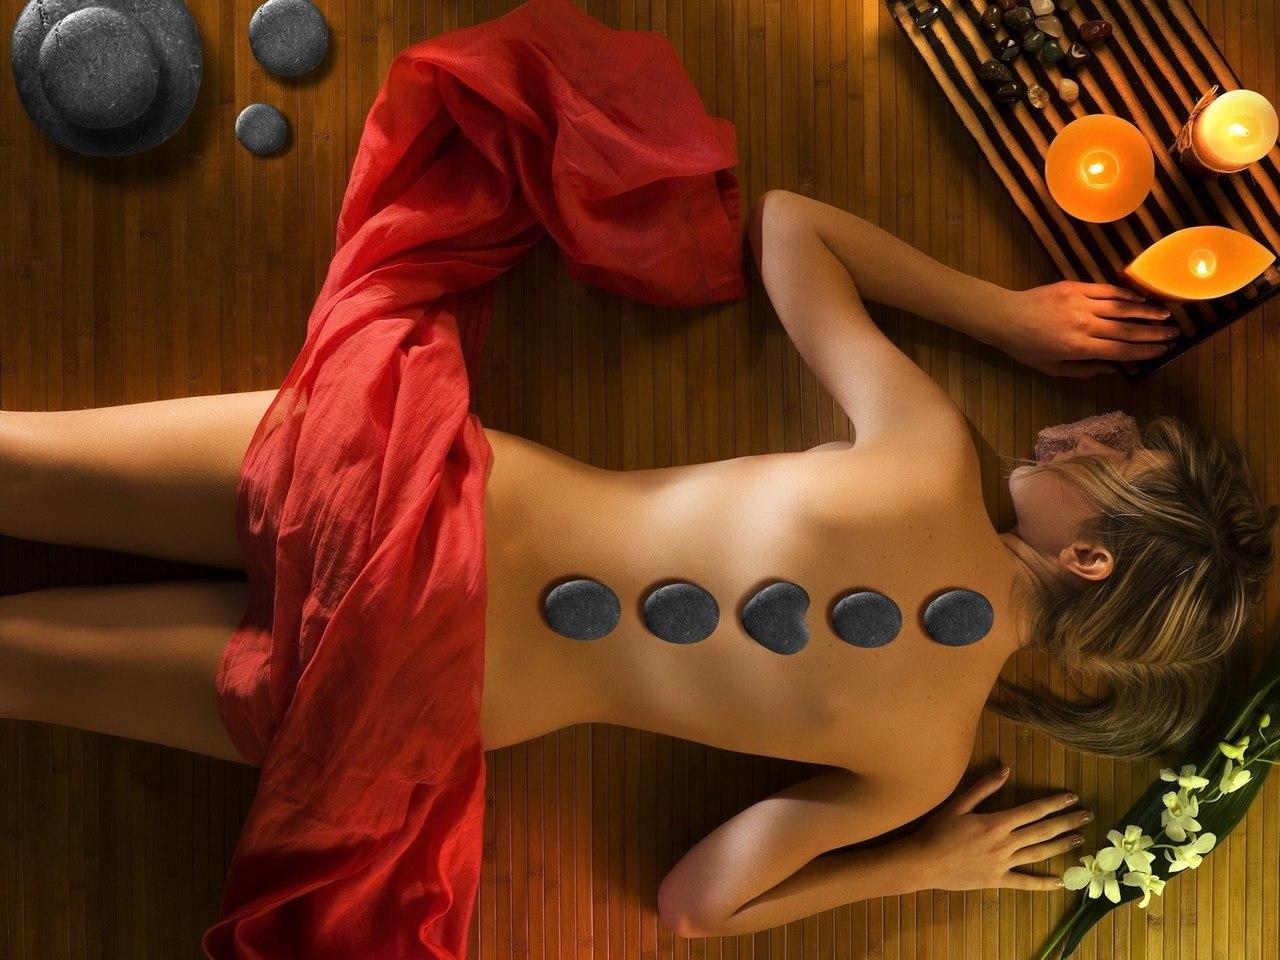 Салоны эротического массажа в магнитогорске 17 фотография